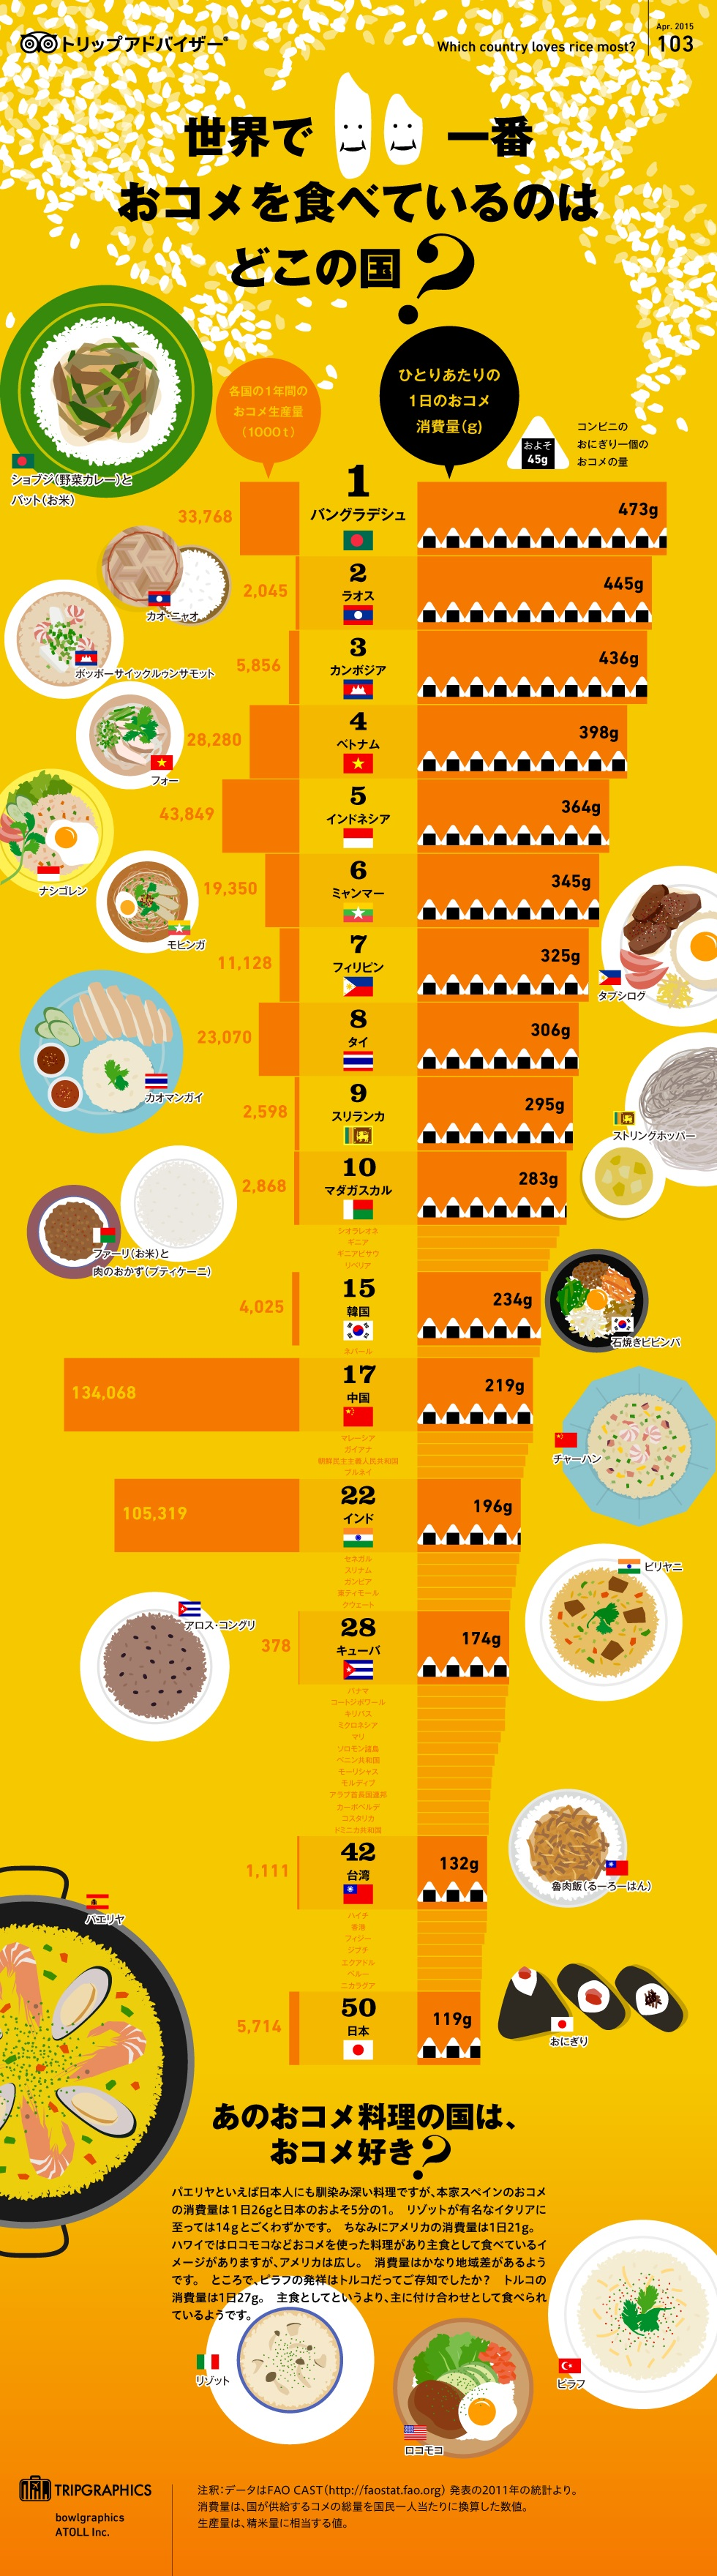 世界、お米の消費量ランキング